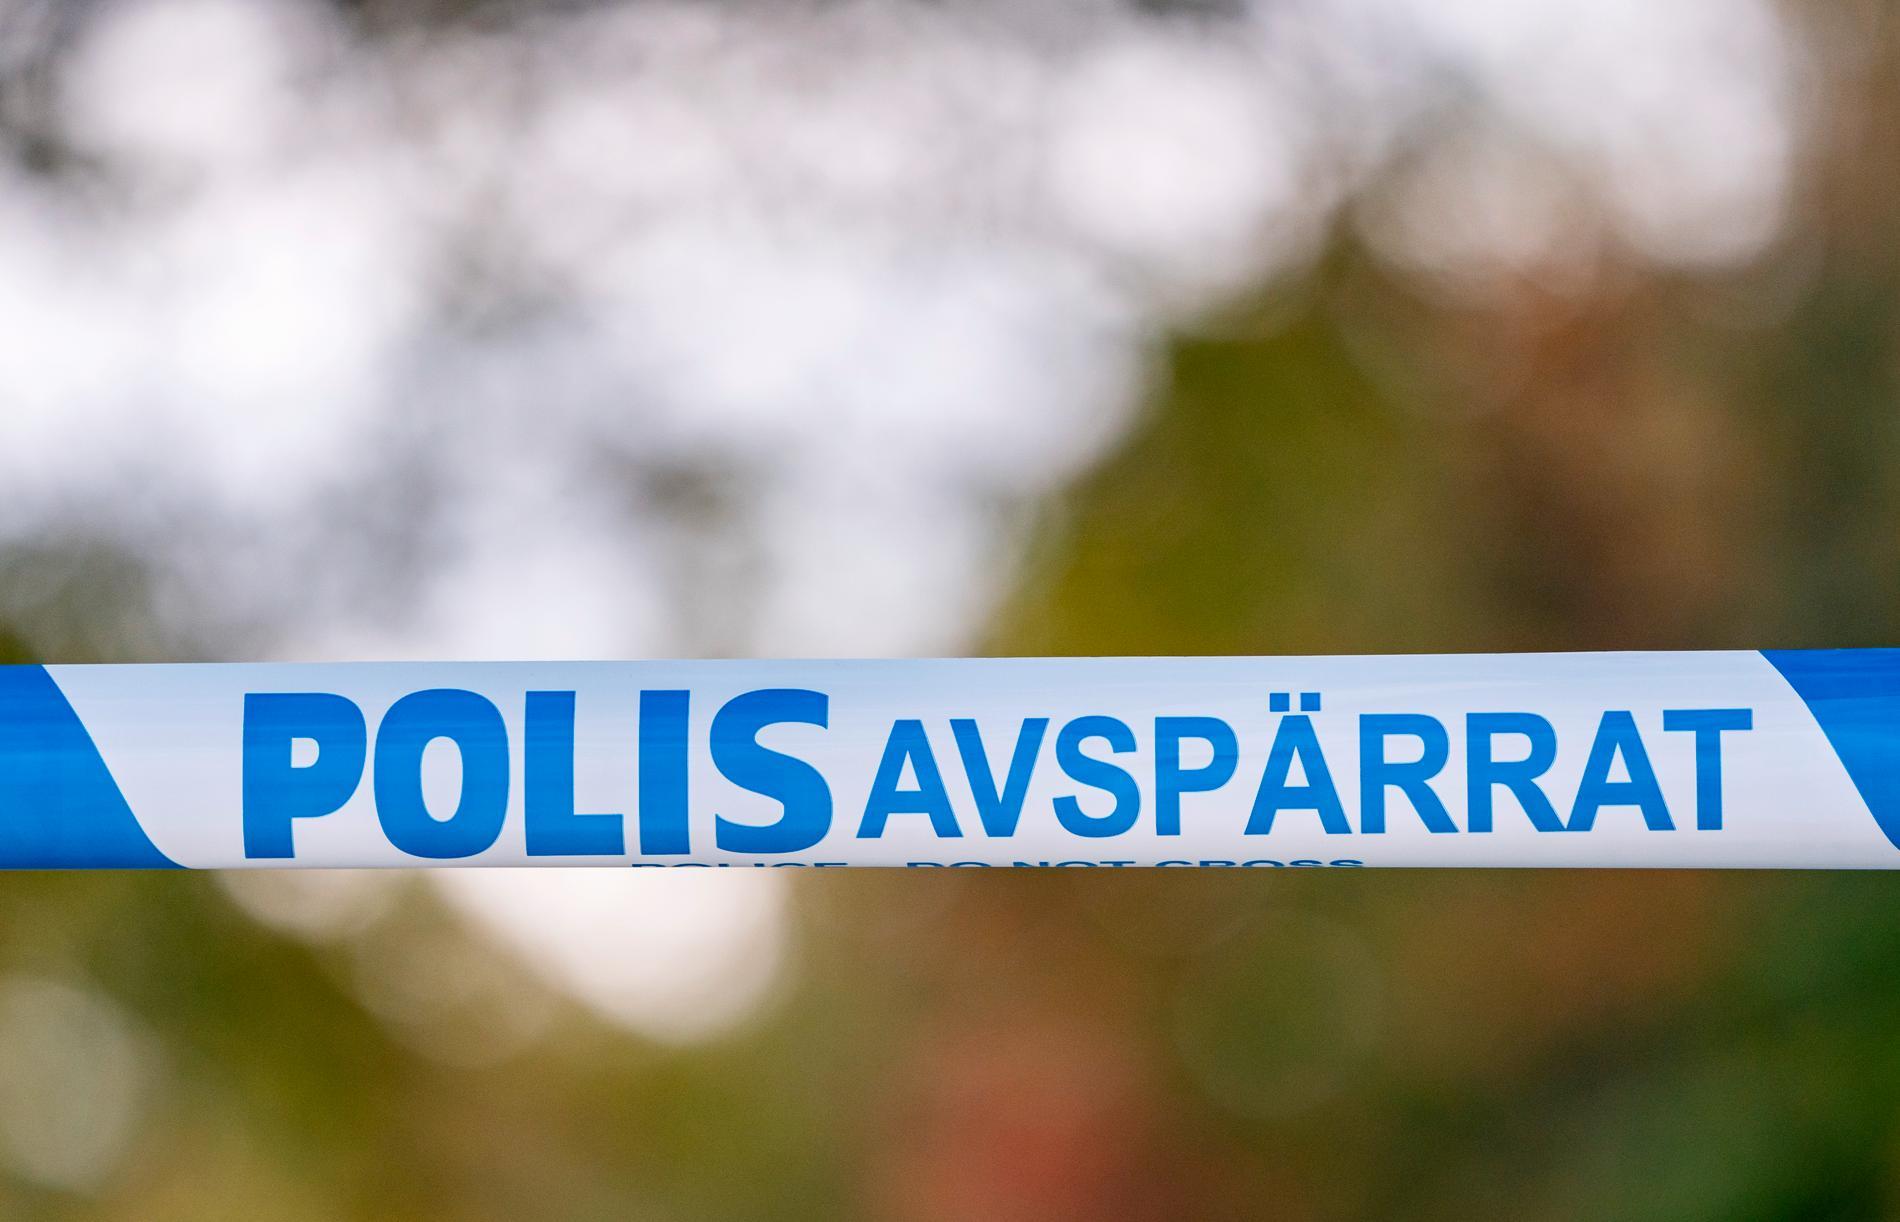 En man i 60-årsåldern har begärts häktad misstänkt för våldtäkt mot barn i Västerbotten. Arkivbild.